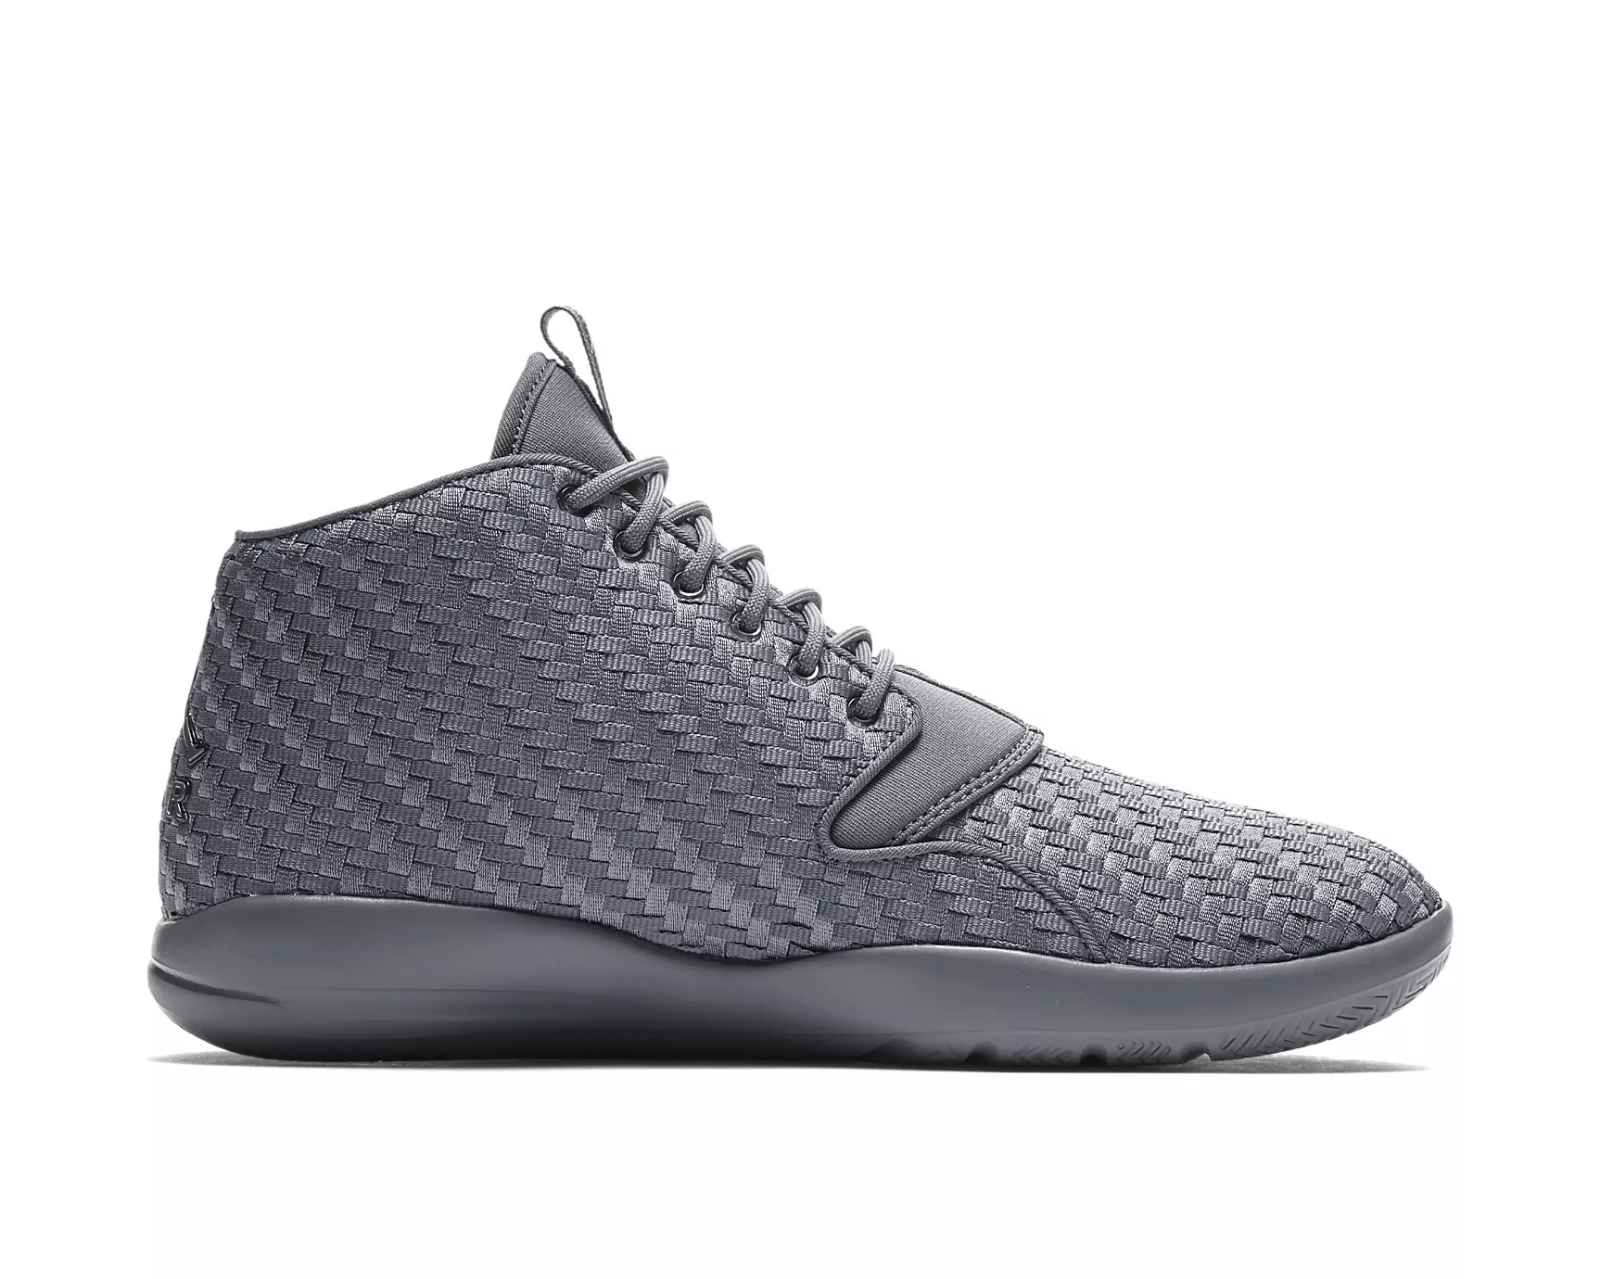 New Mens Nike Air Jordan Jordan Jordan Eclipse Chukka Woven Trainers AA3996 003 d7bf71